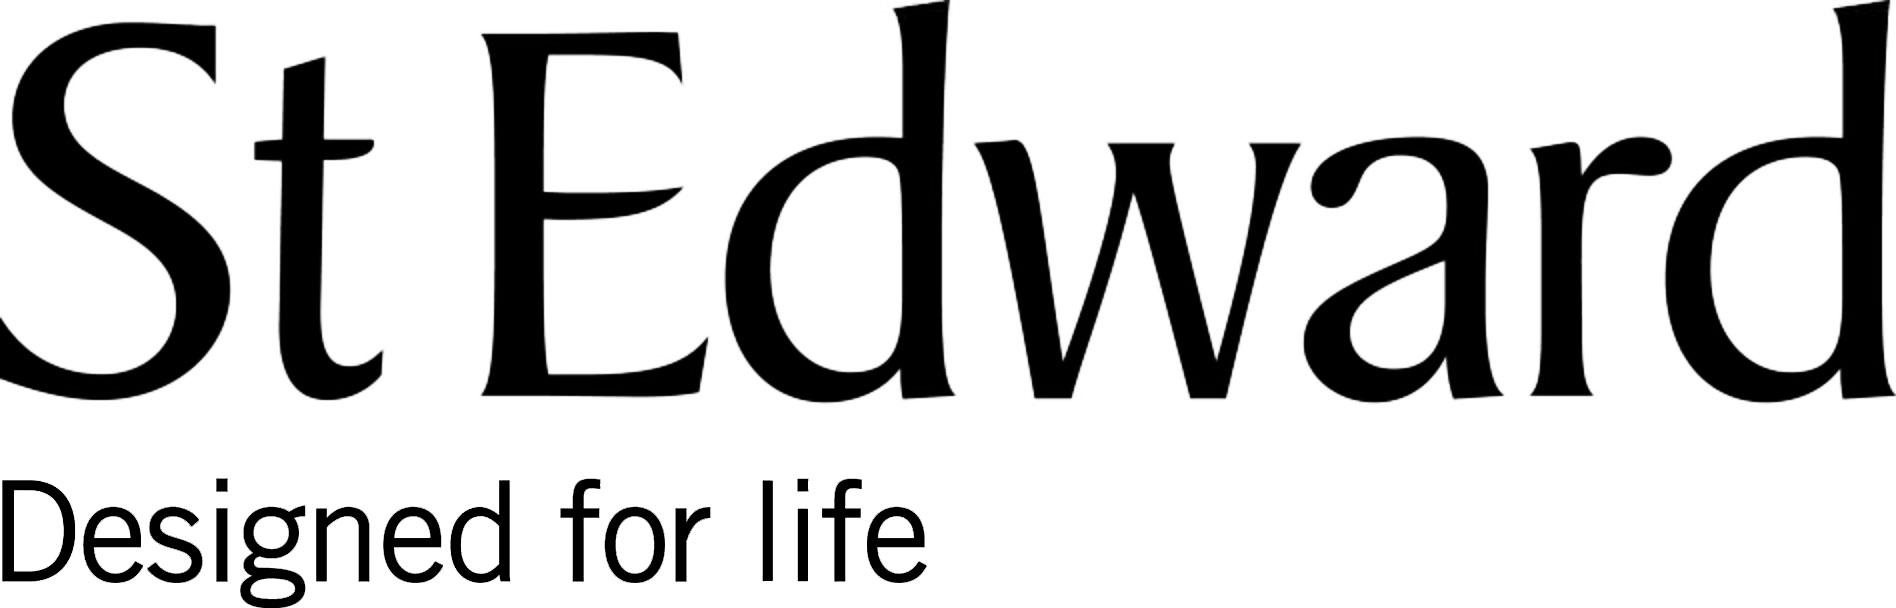 st Edwards logo